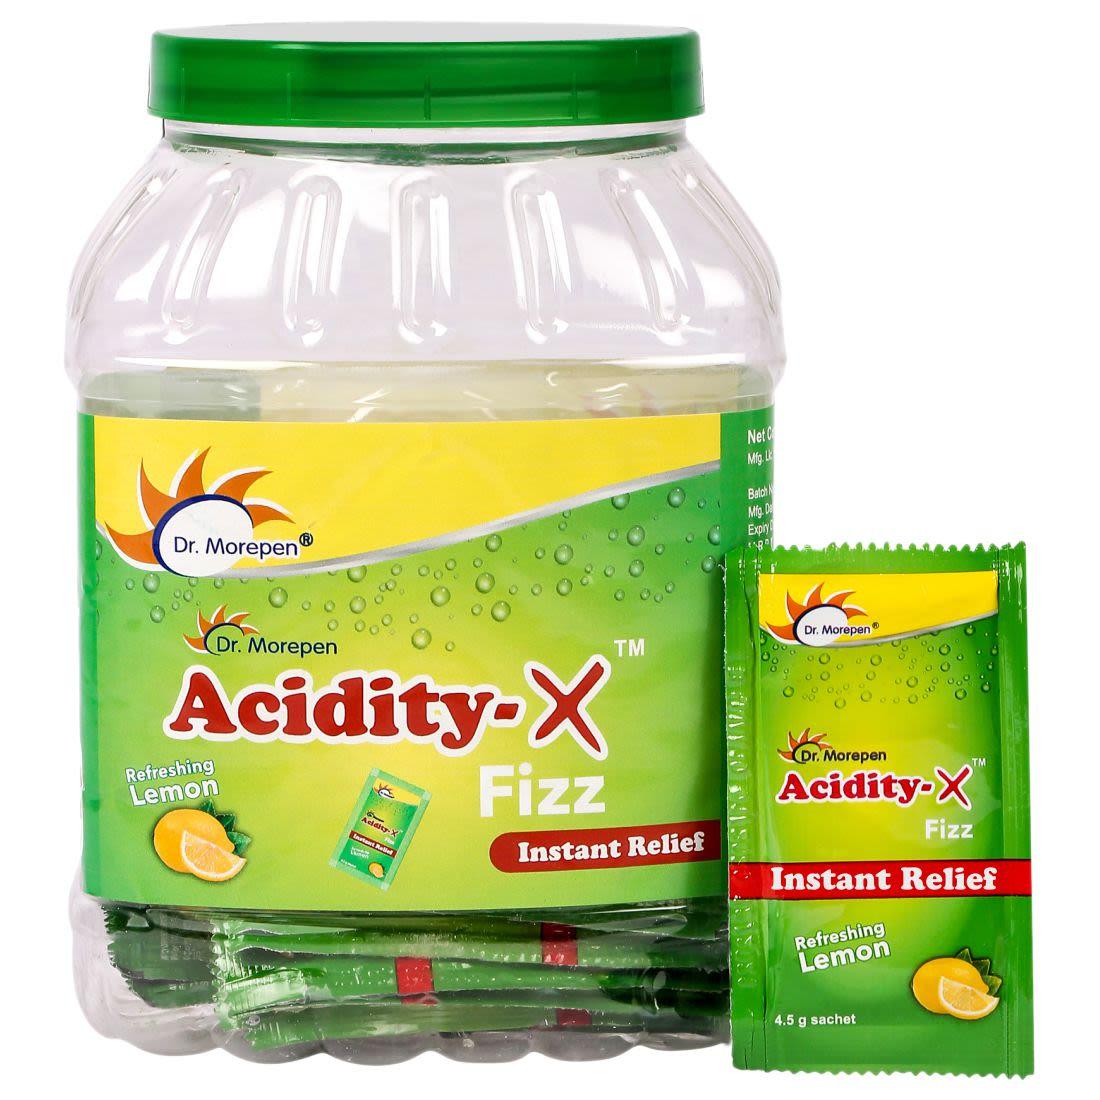 Dr. Morepen Acidity-X Fizz - 50 Sachets